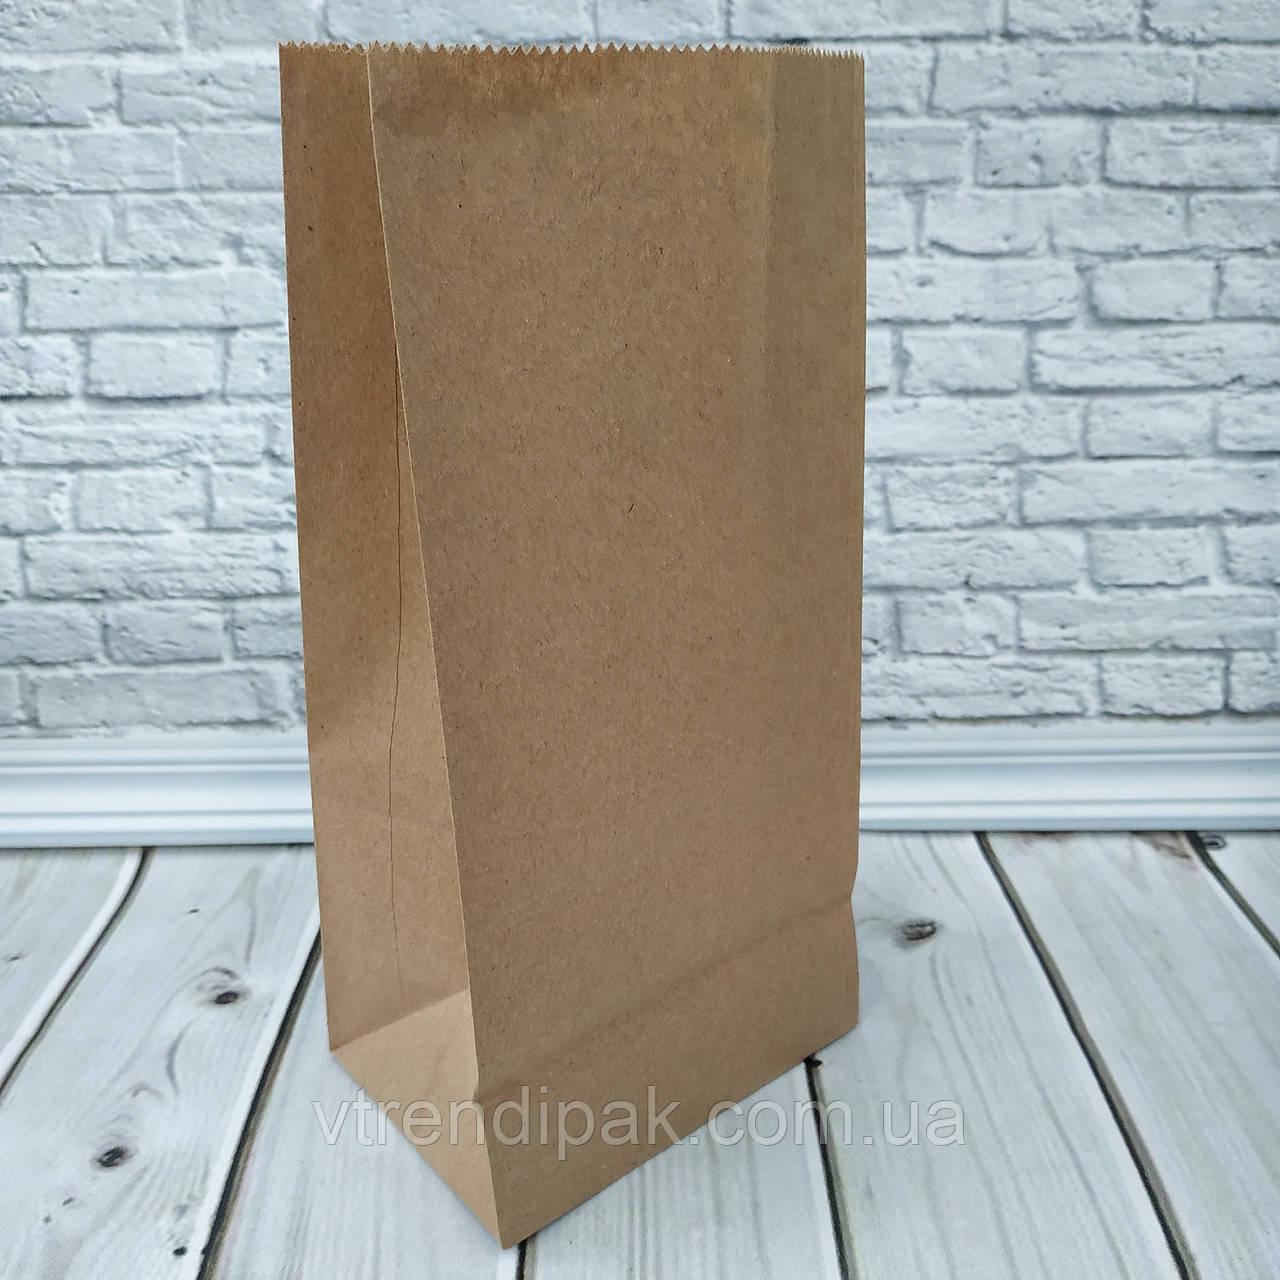 Крафт пакет з плоским дном бурий 240*120*85